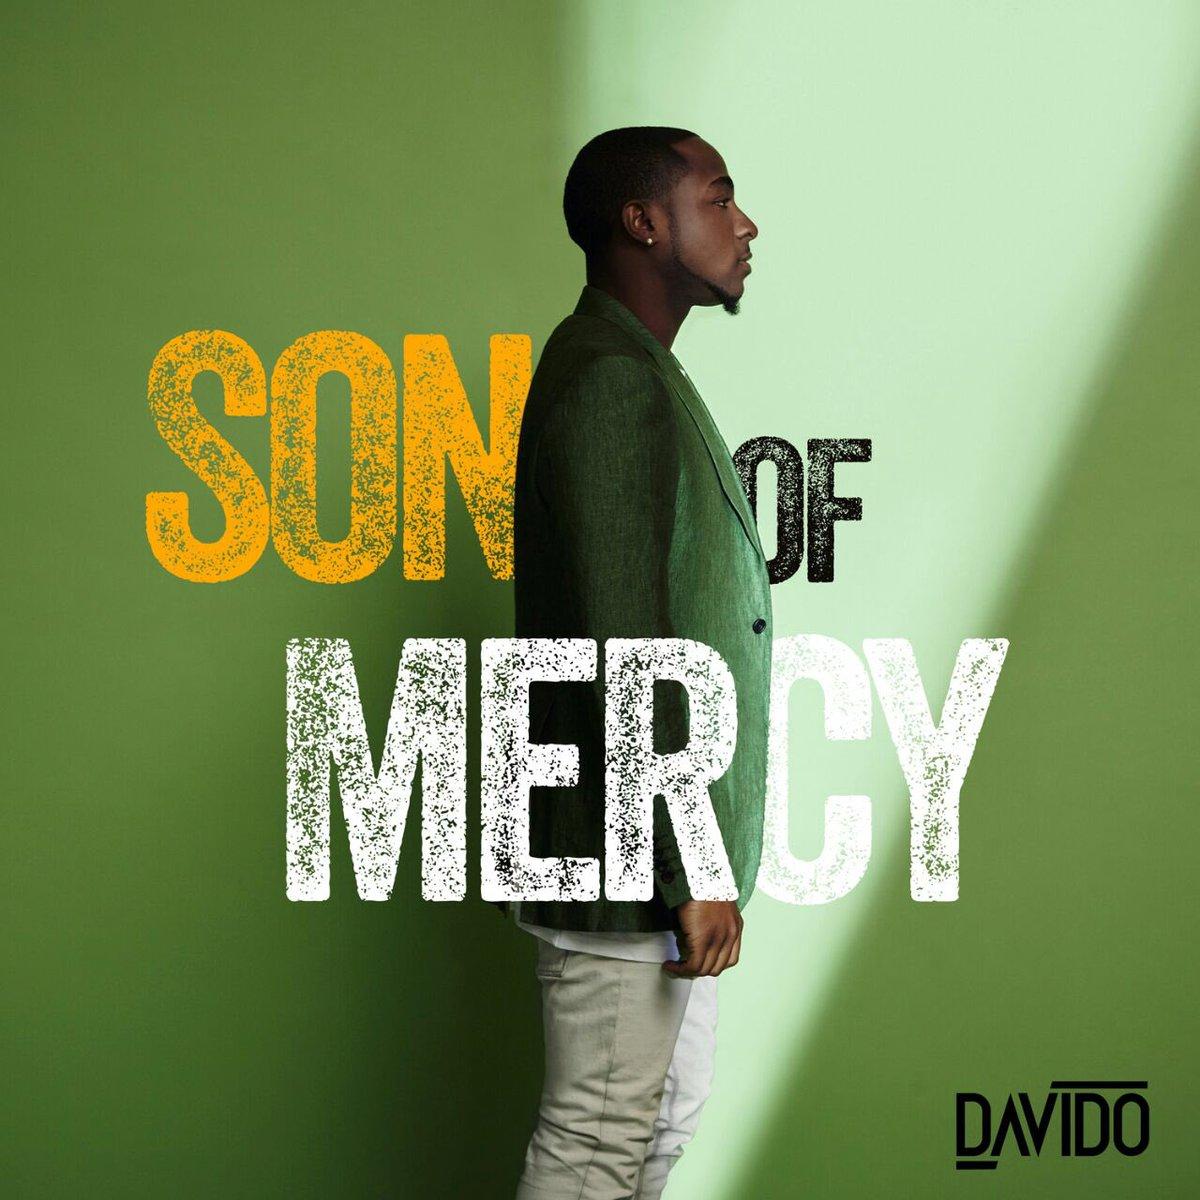 Davido – Gbagbe Oshi (Prod. by Shizzi)